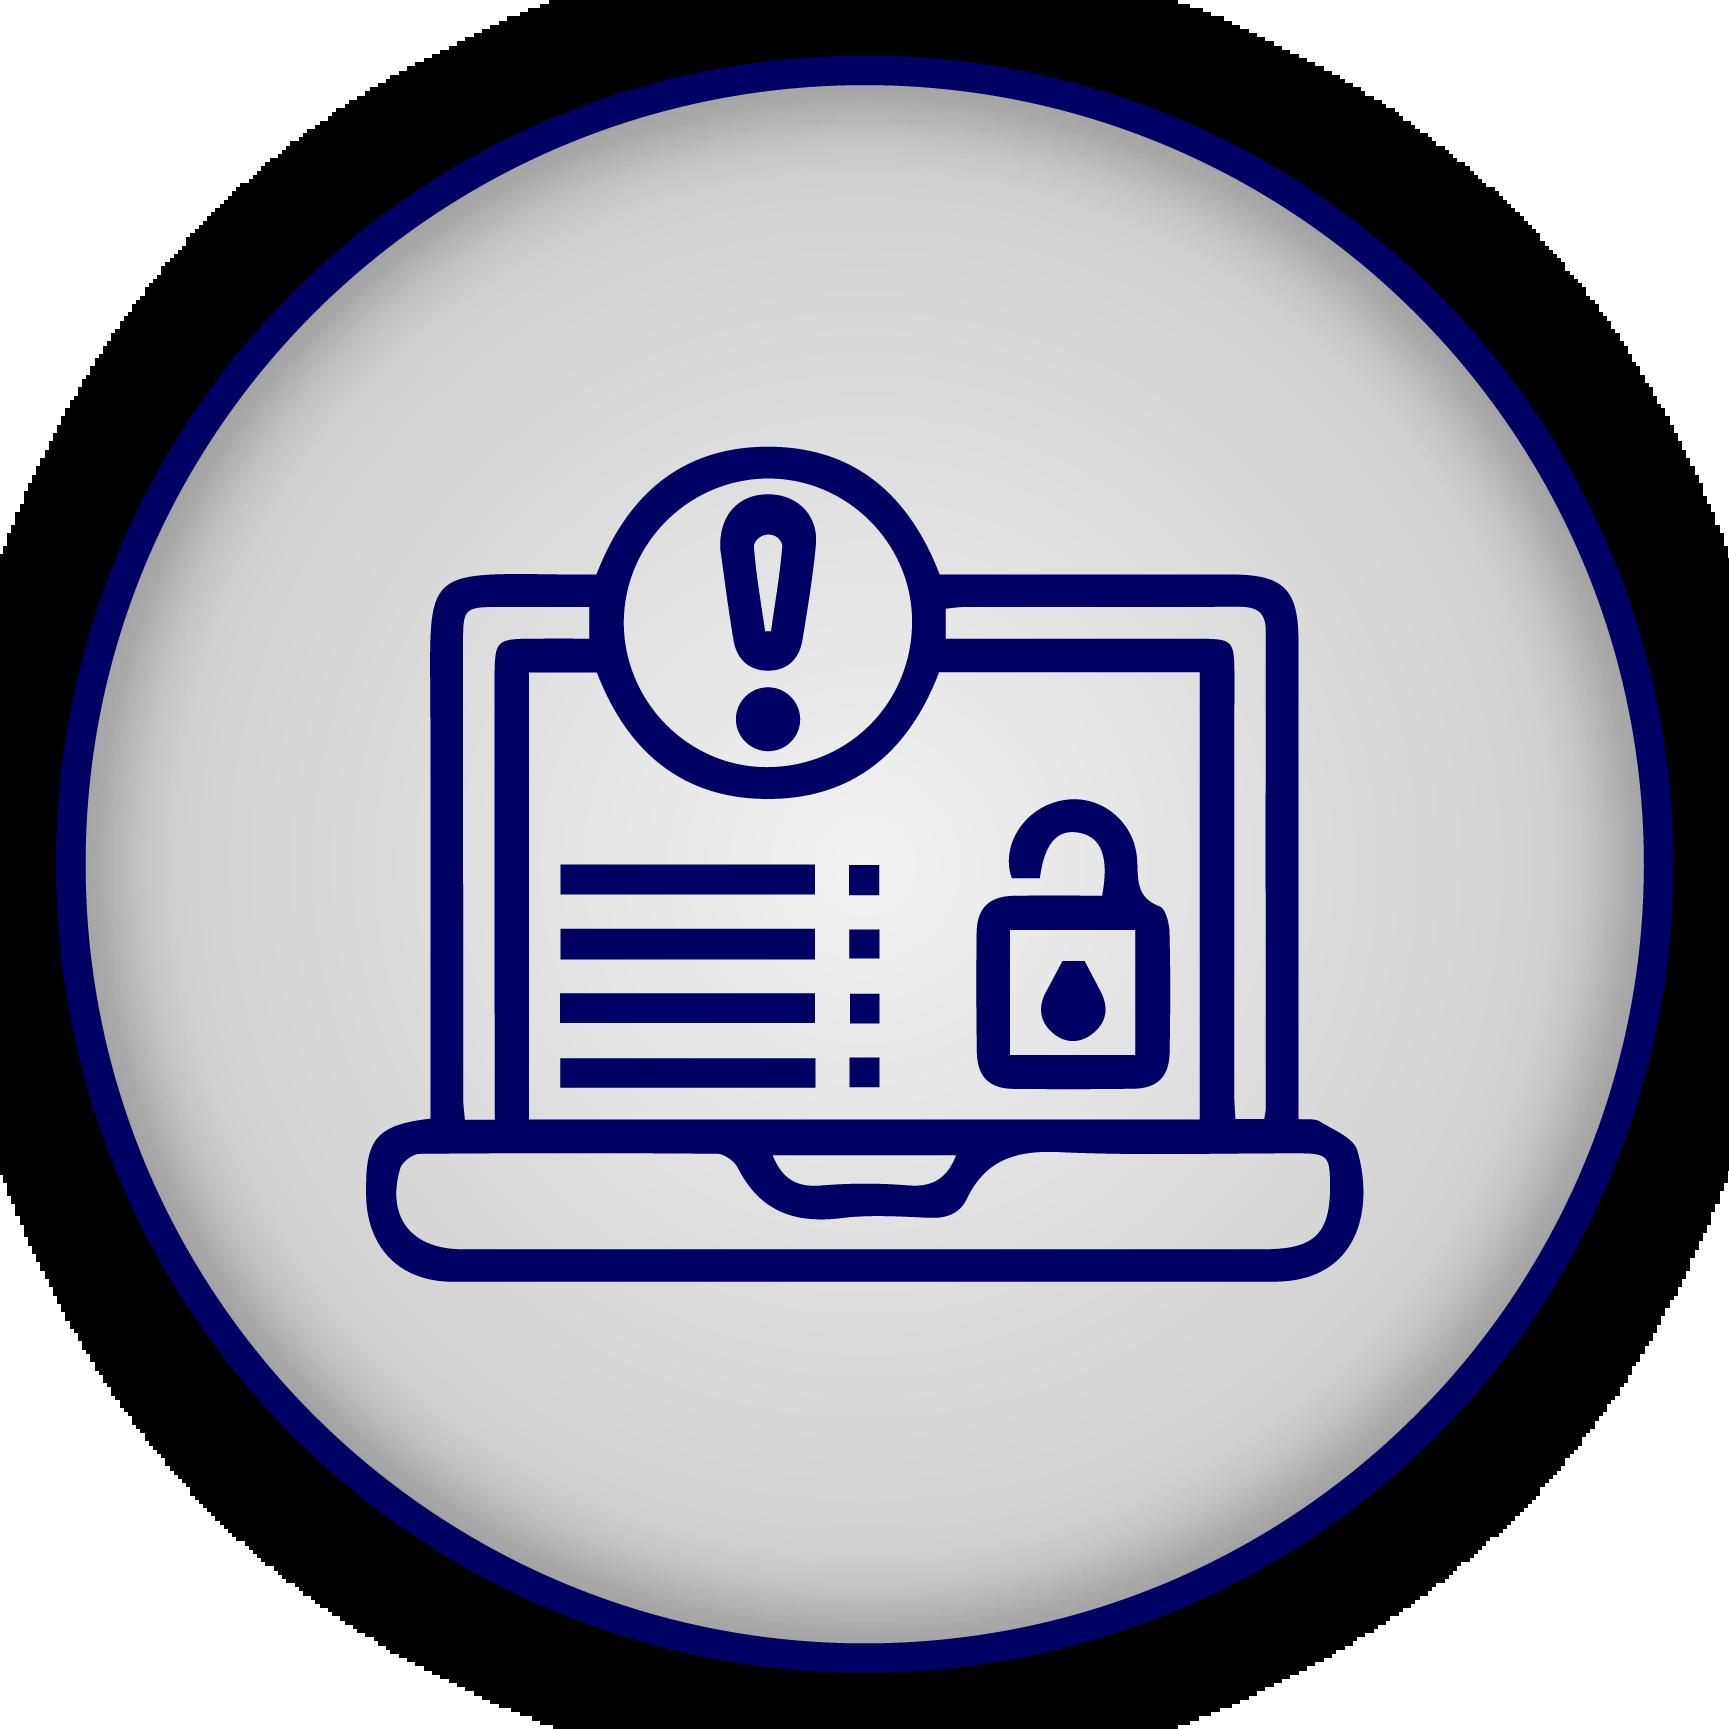 Data marking